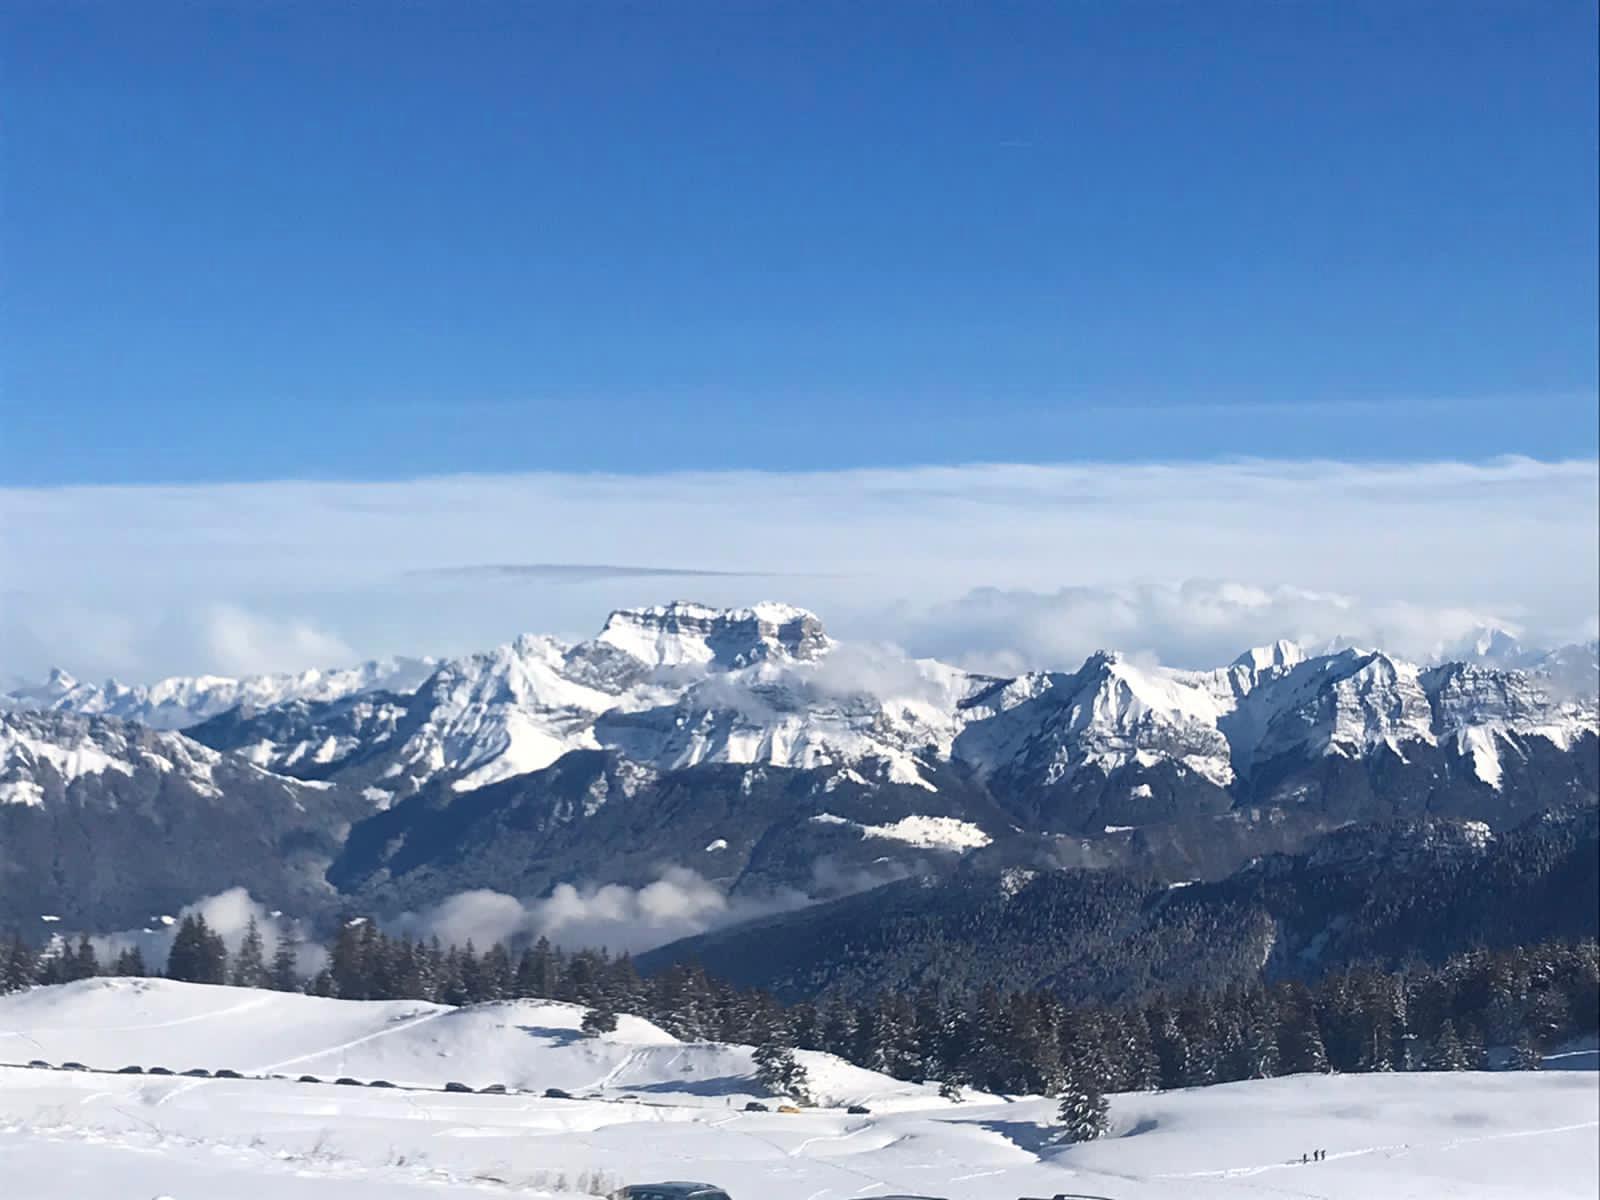 С православным Рождеством! Поздравление из Альп жителям Кавминвод